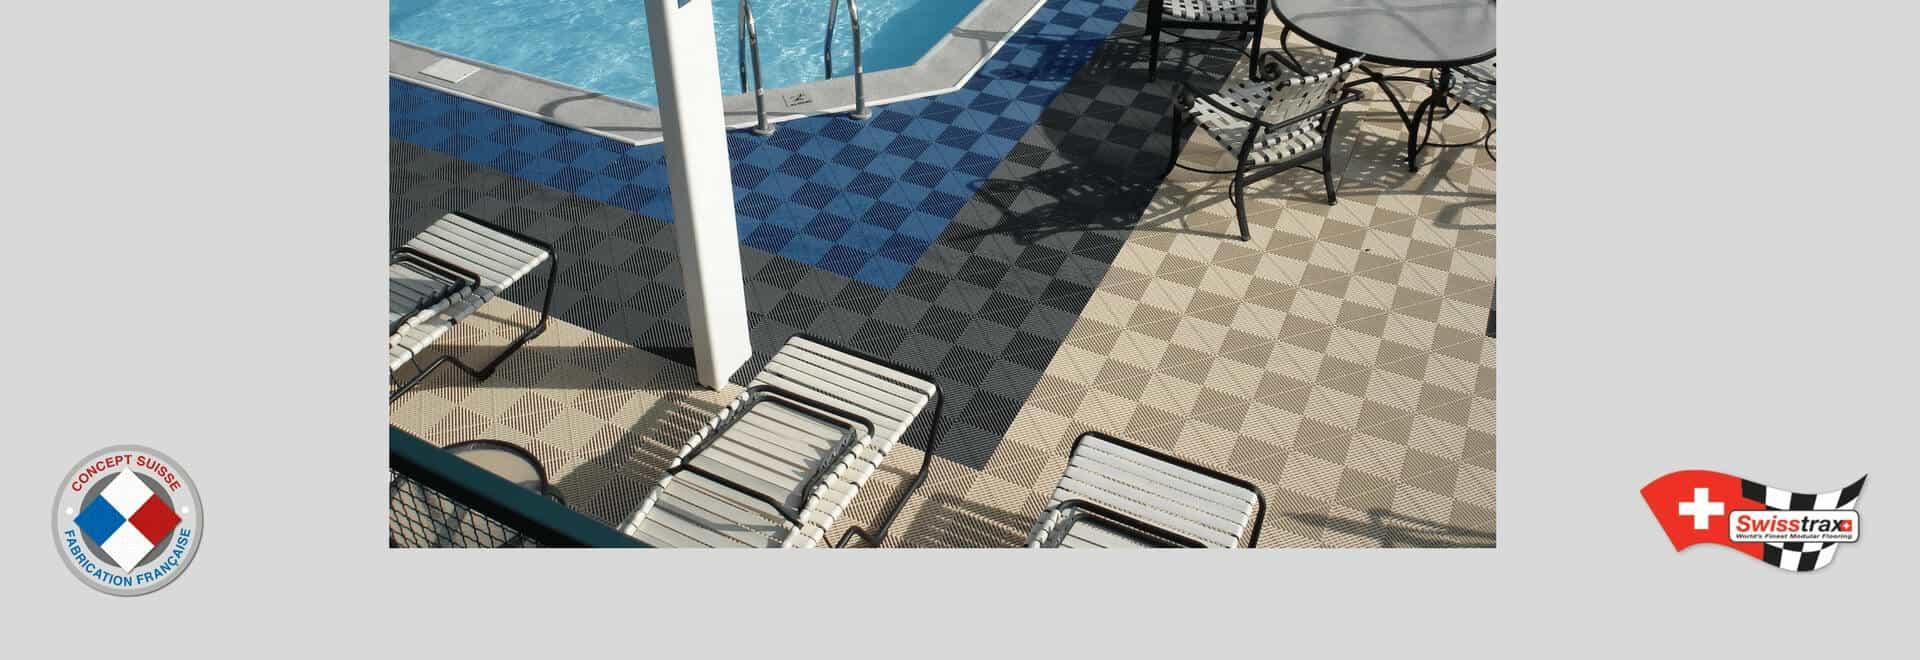 Sol pour piscine et spas